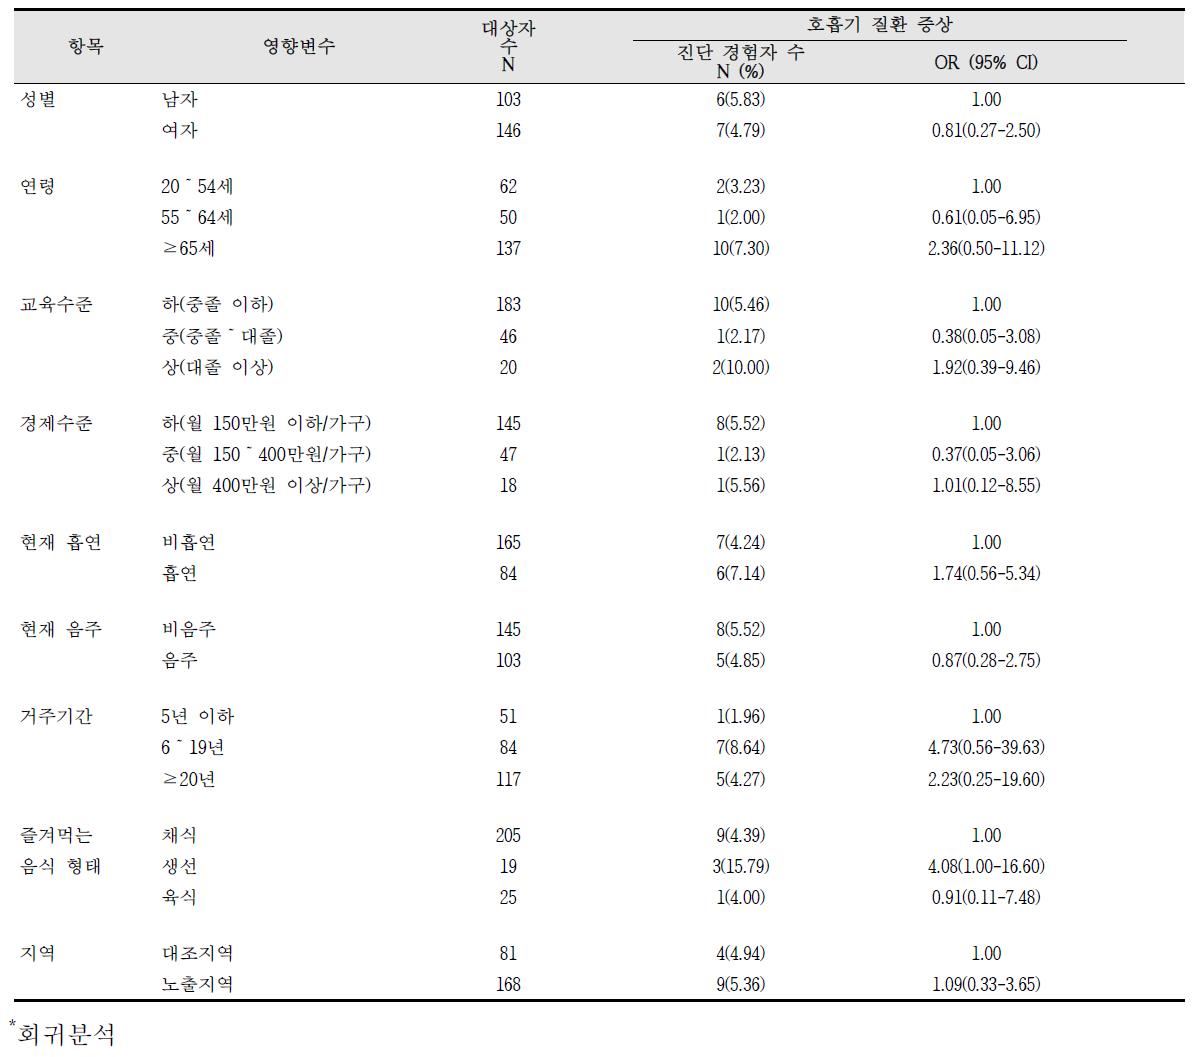 대산산업단지 호흡기 질환 증상의 영향요인 분석 결과